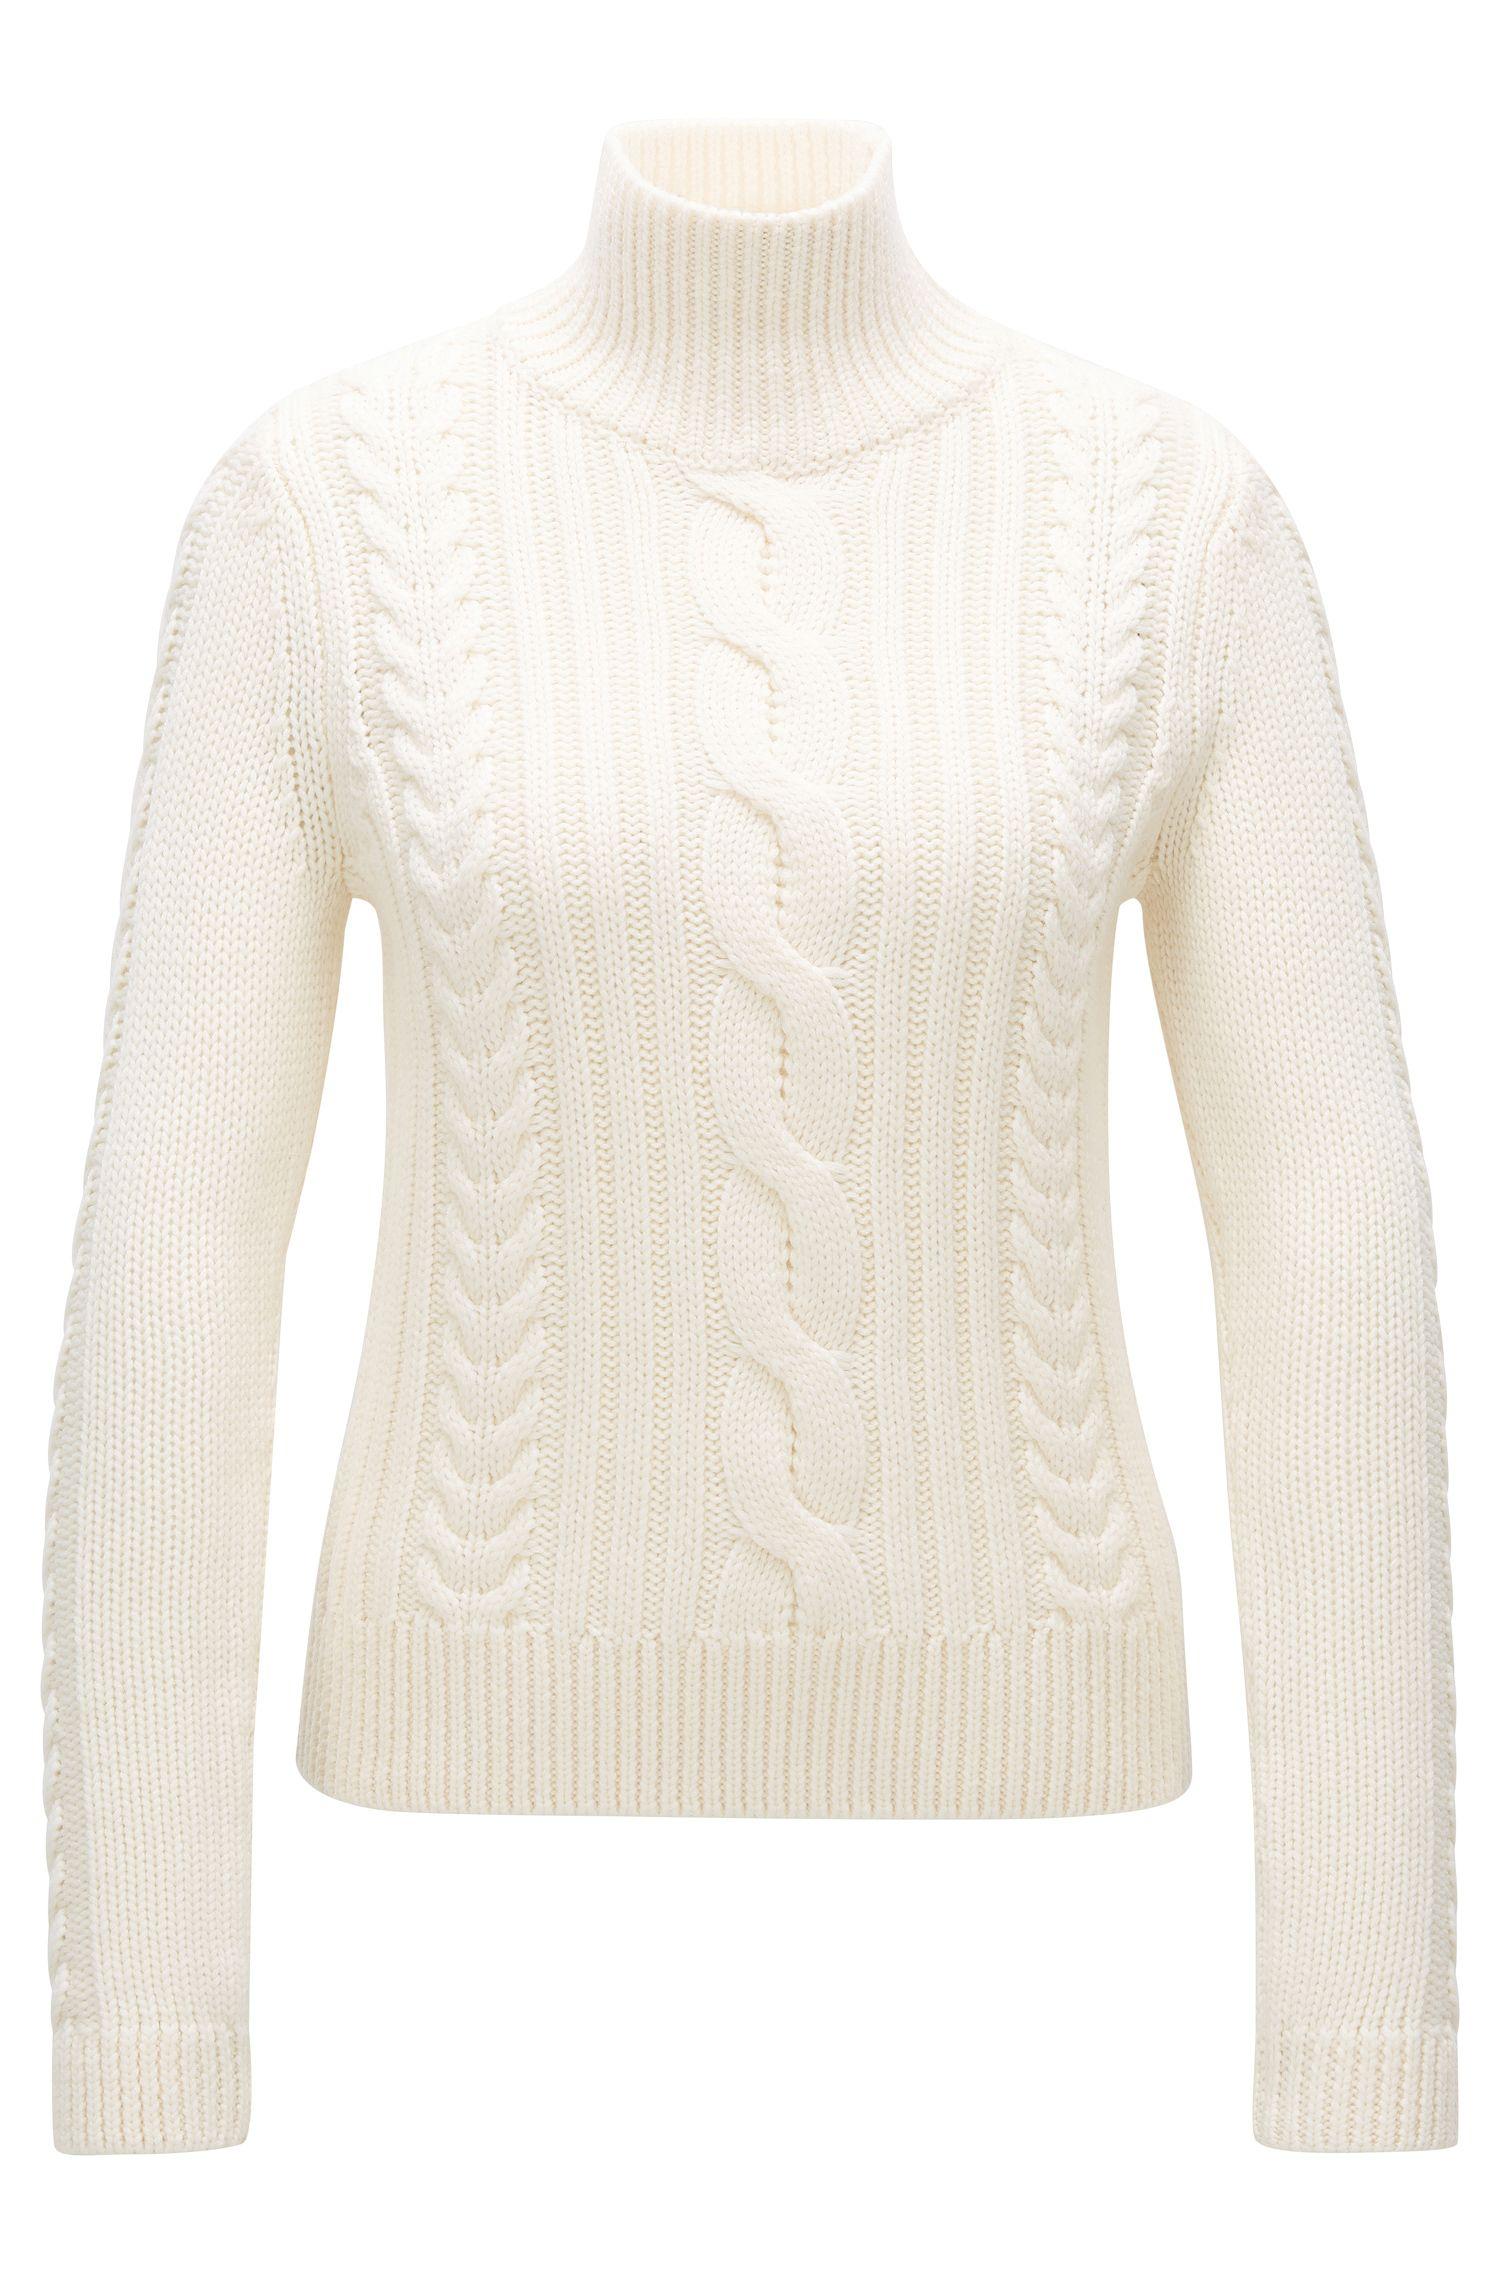 Maglione in lana merino con colletto a tartaruga e lavorazione a treccia